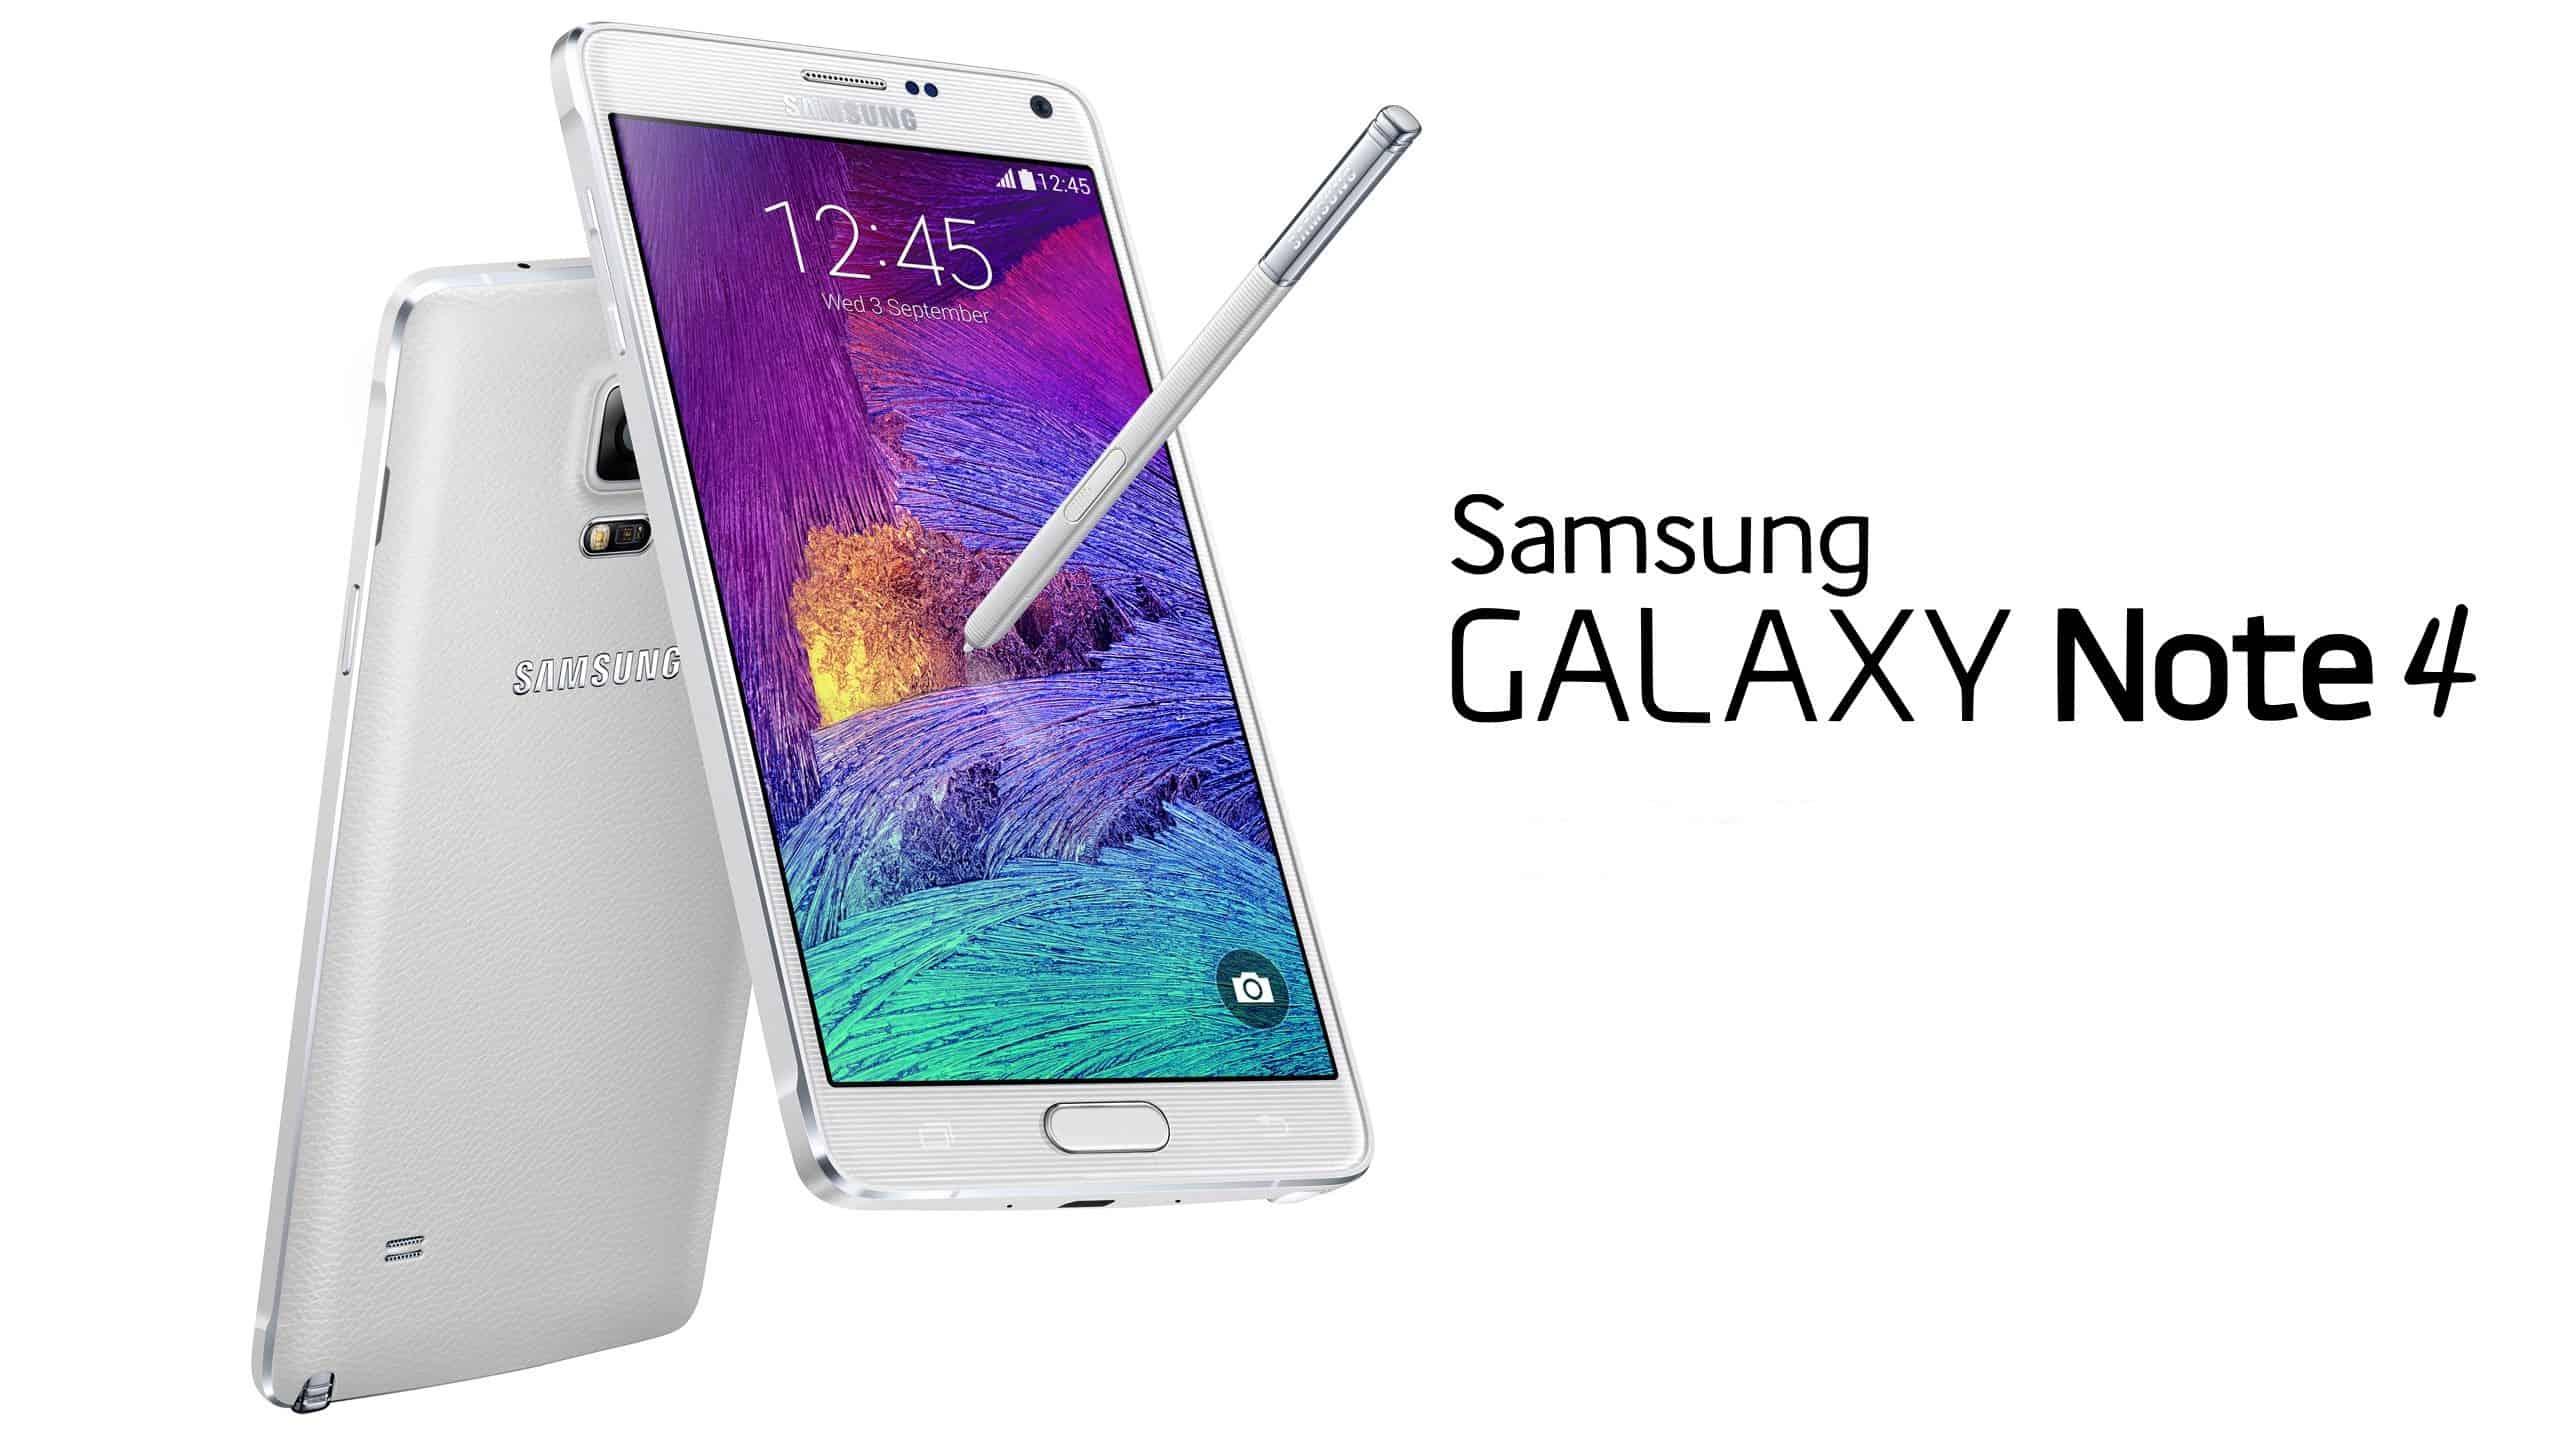 Top Smartphones On The Market